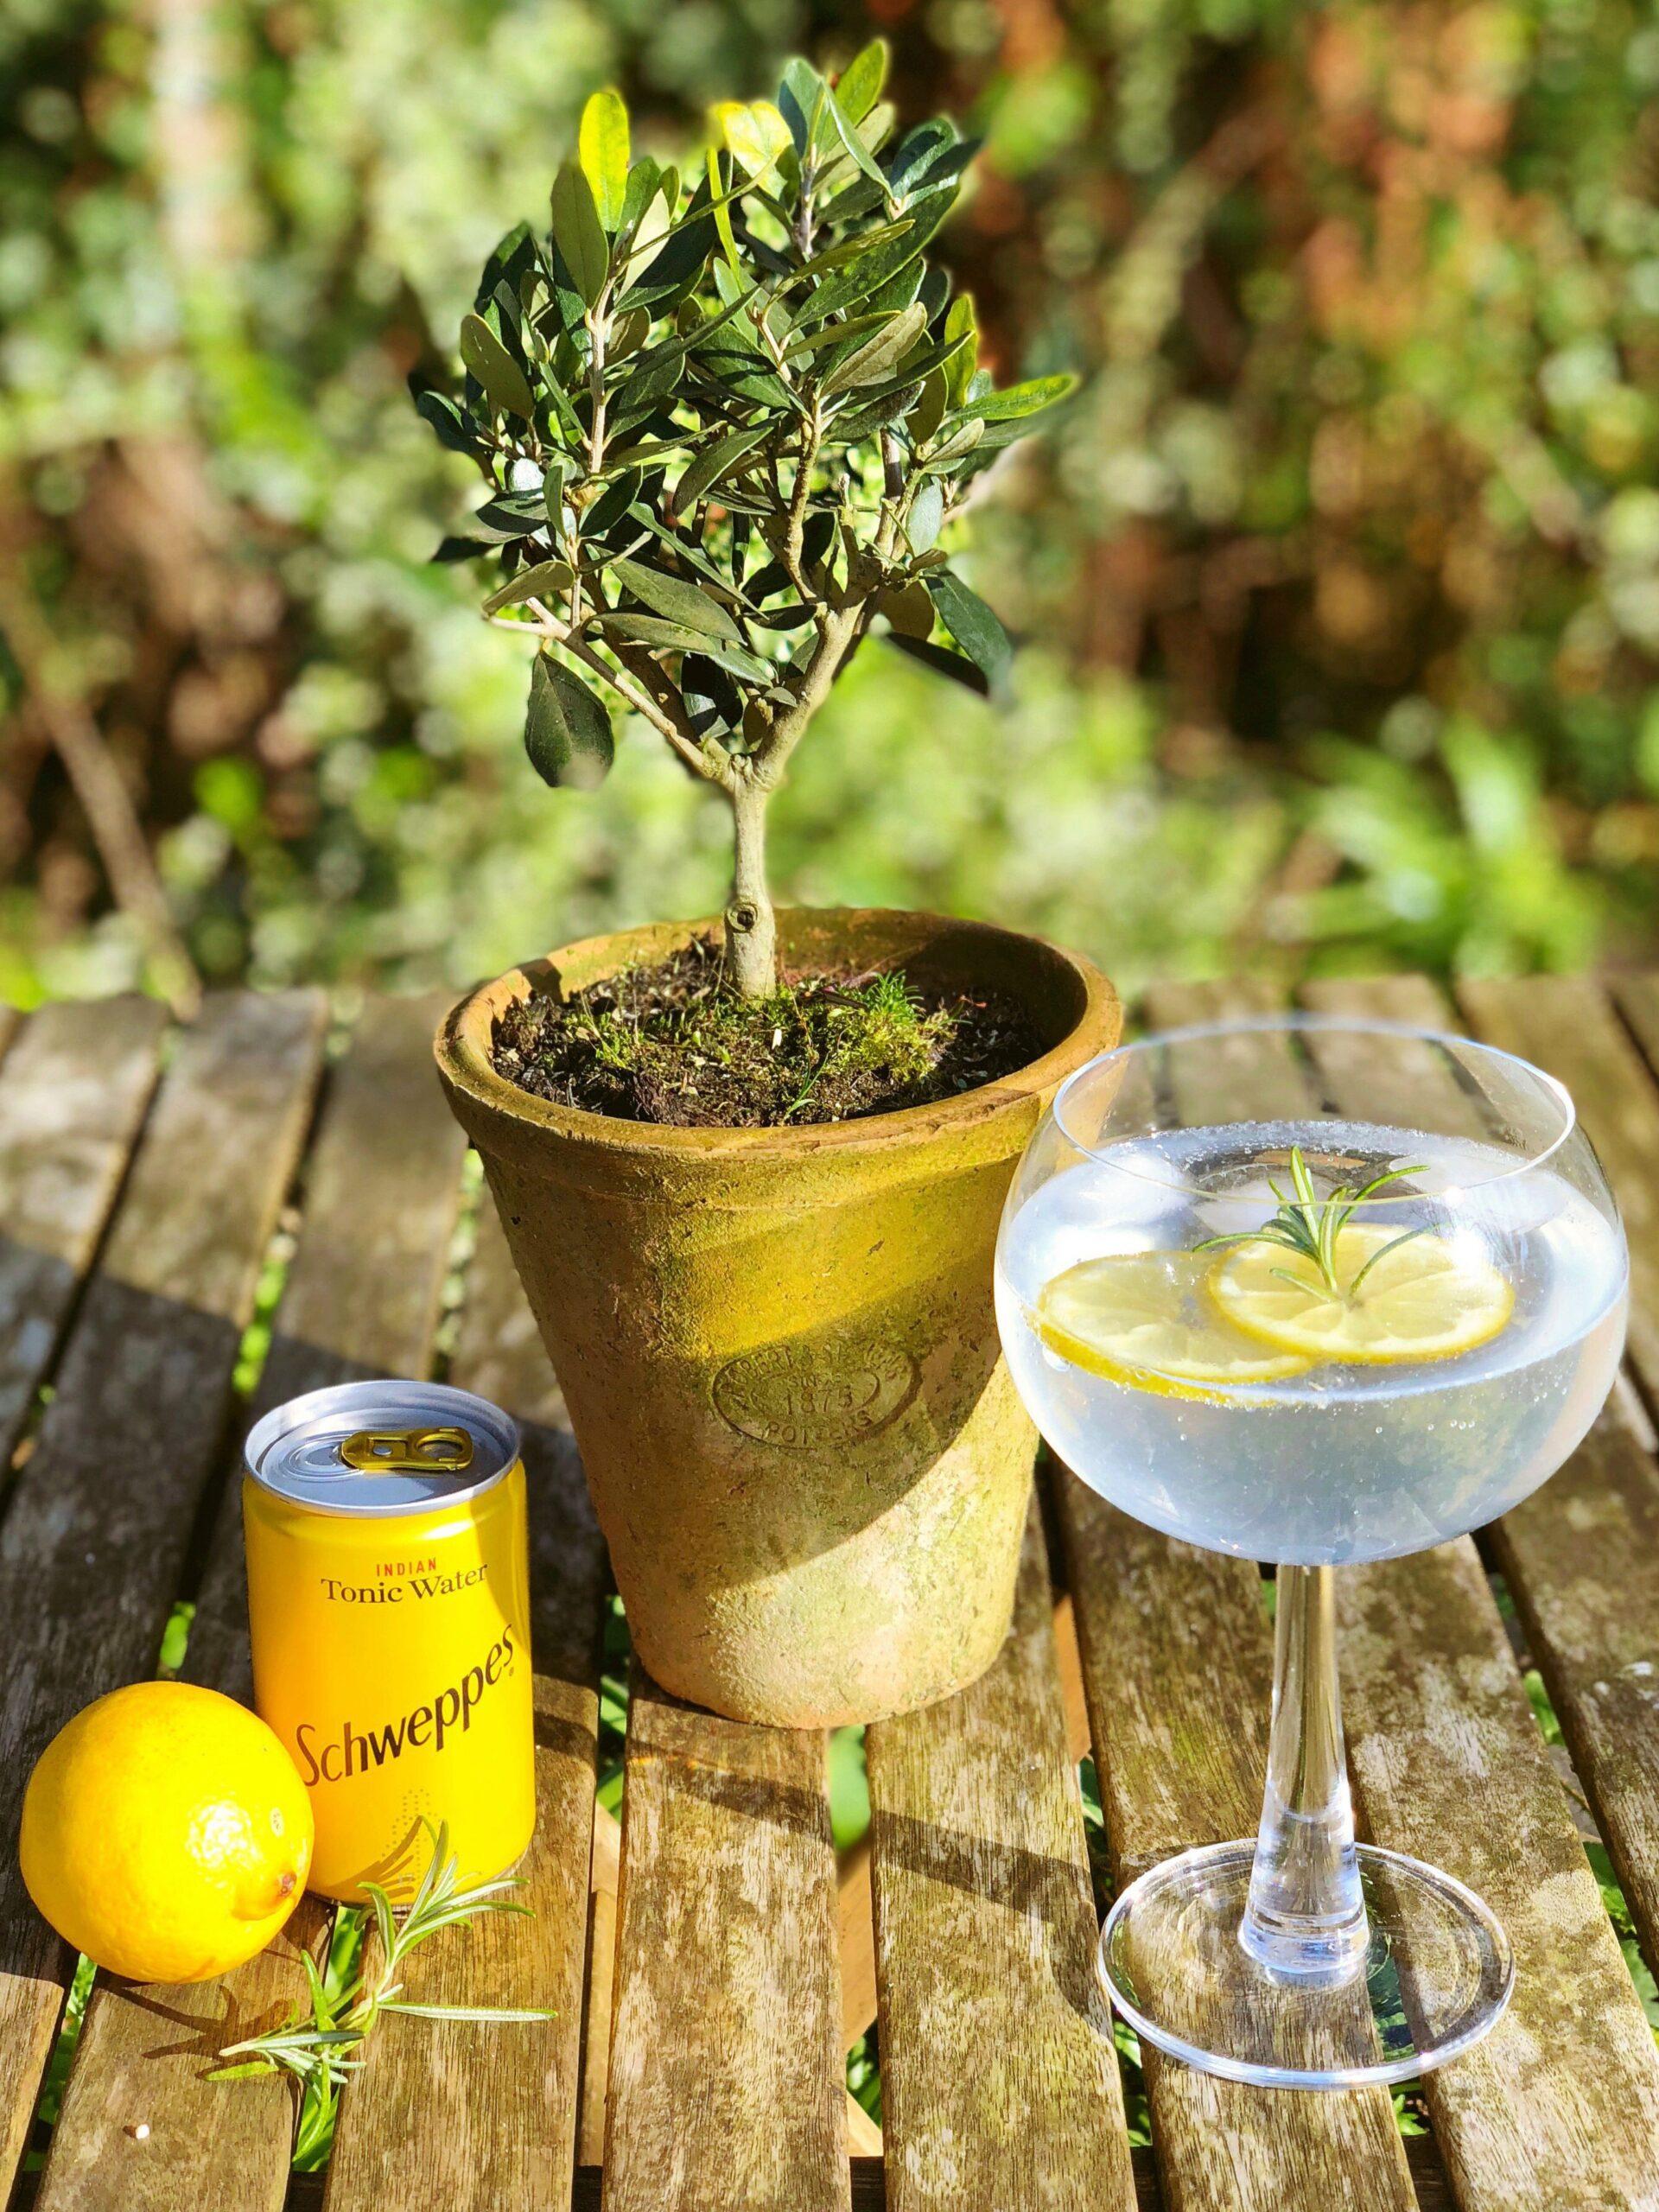 Rosemary and Lemon Botanical Gin